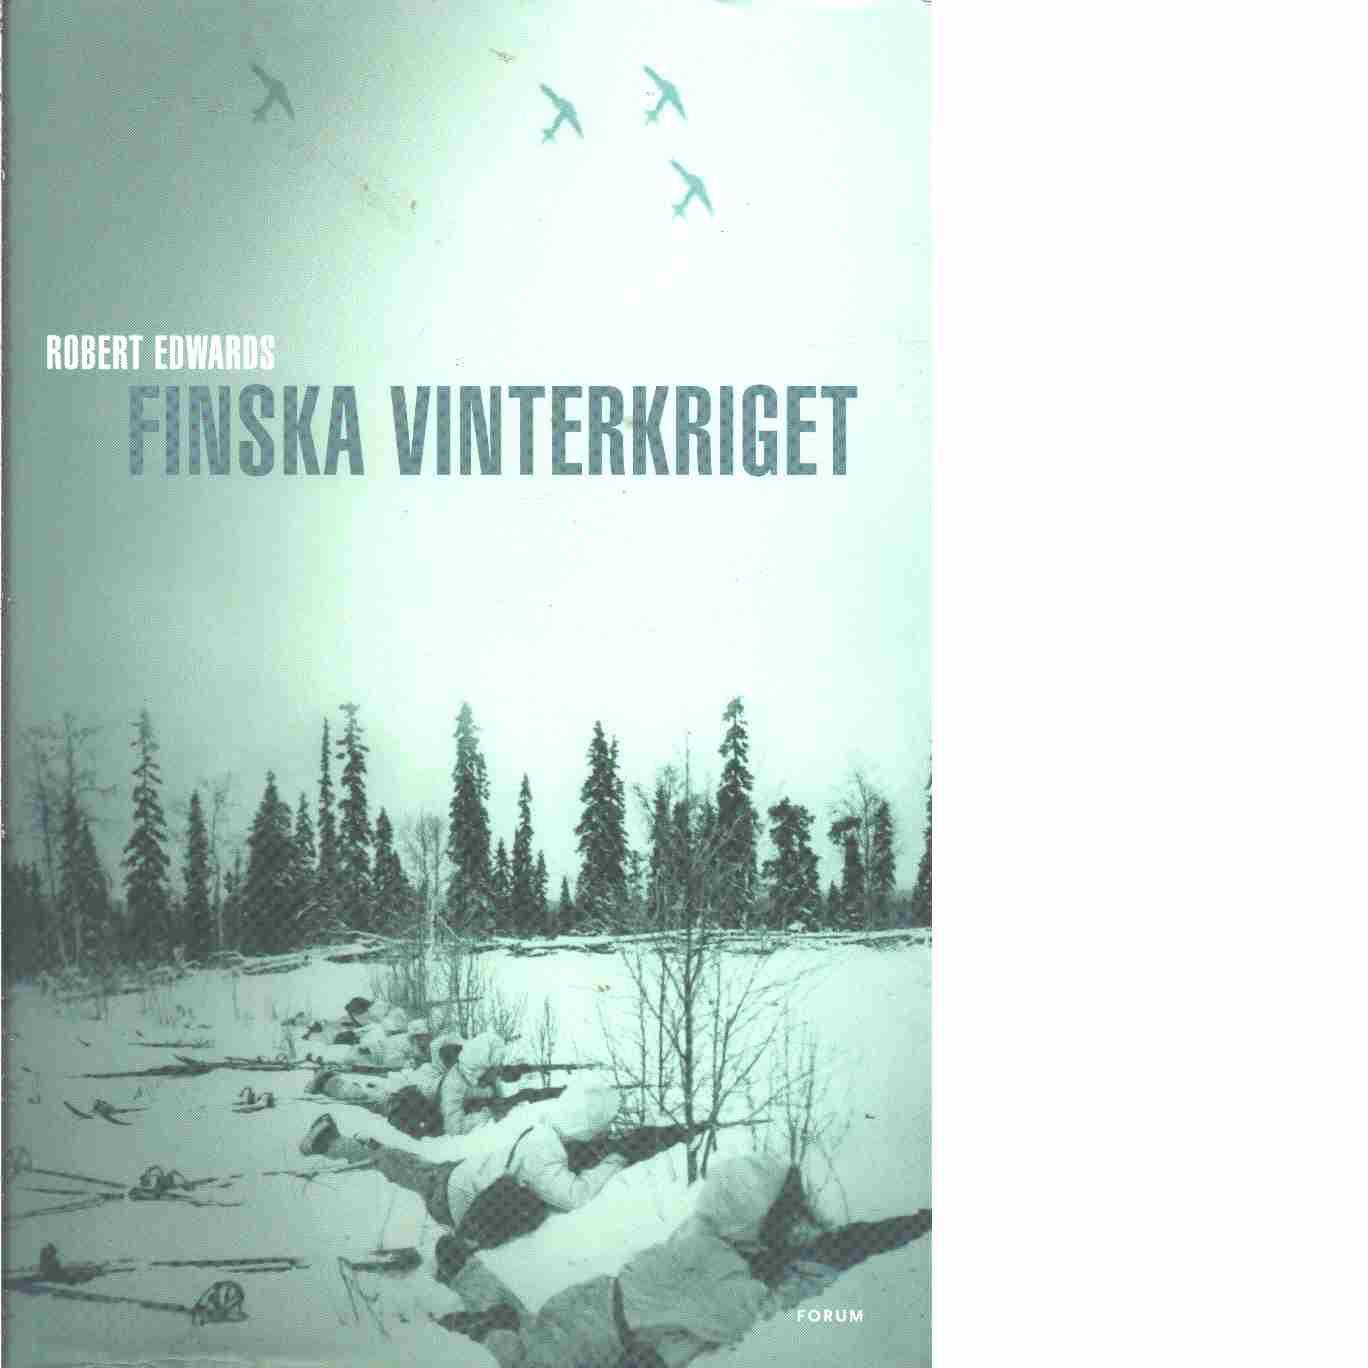 Finska vinterkriget - Finska vinterkriget